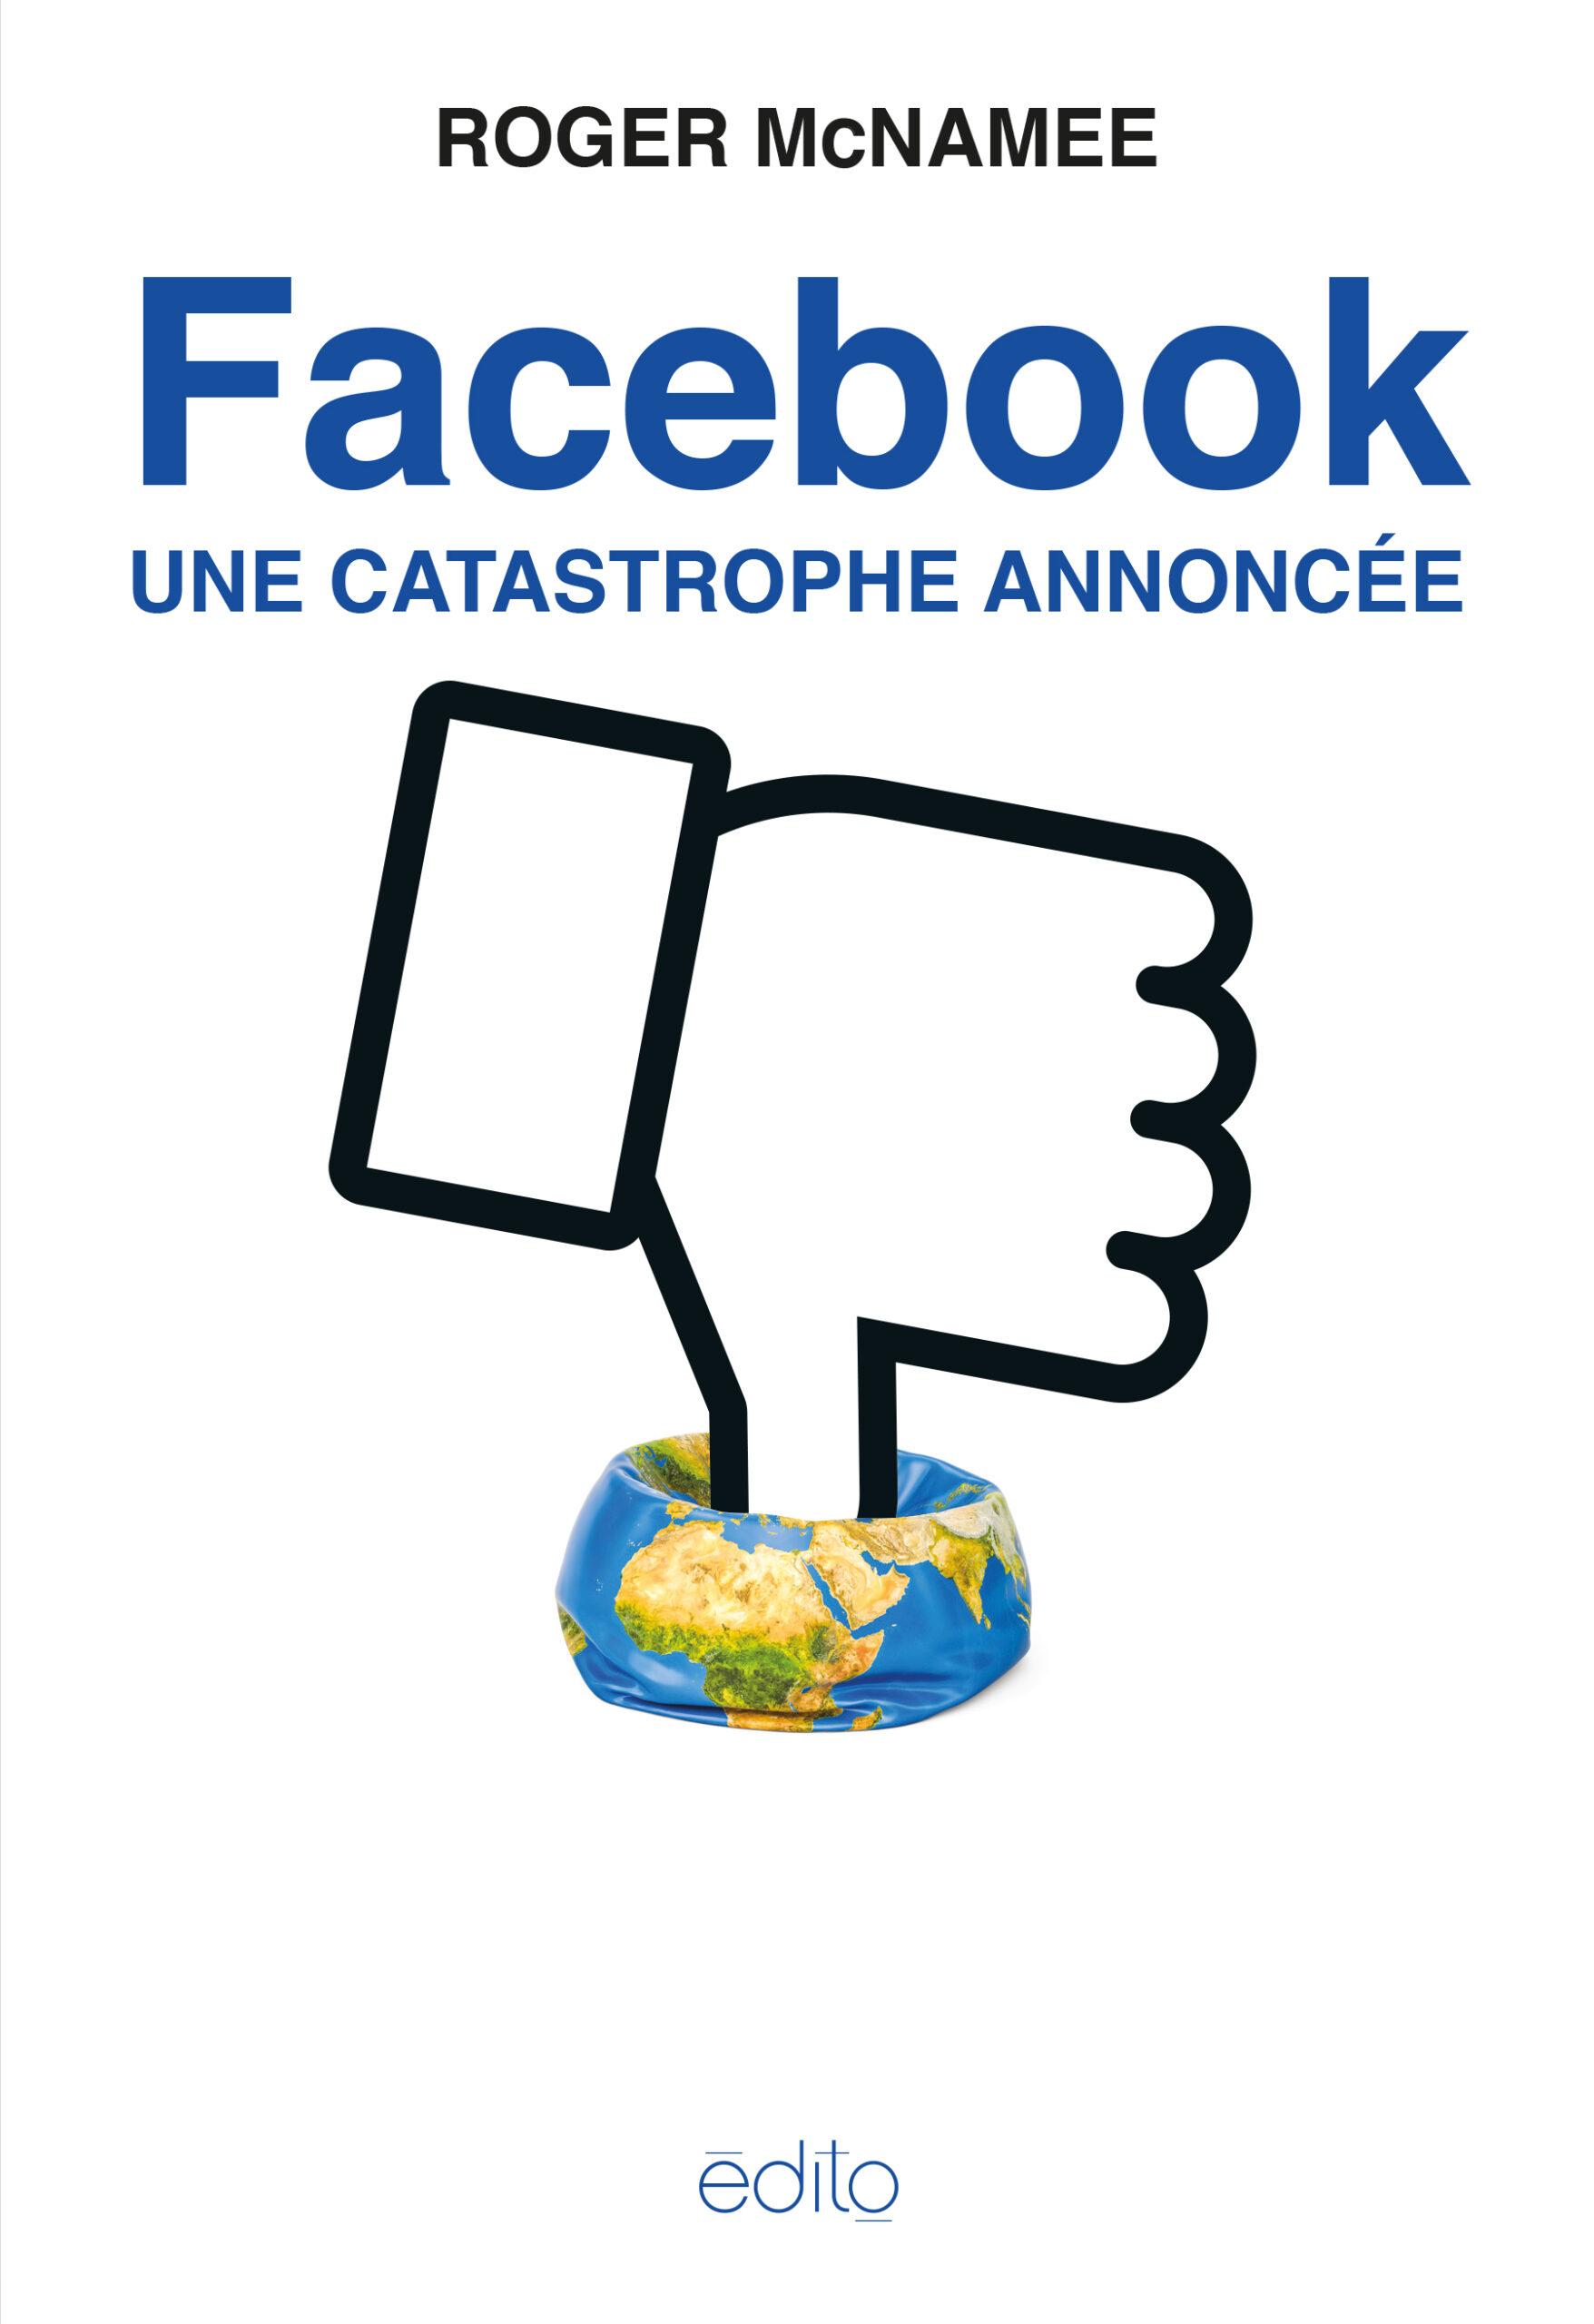 Facebook - Une catastrophe annoncée Image